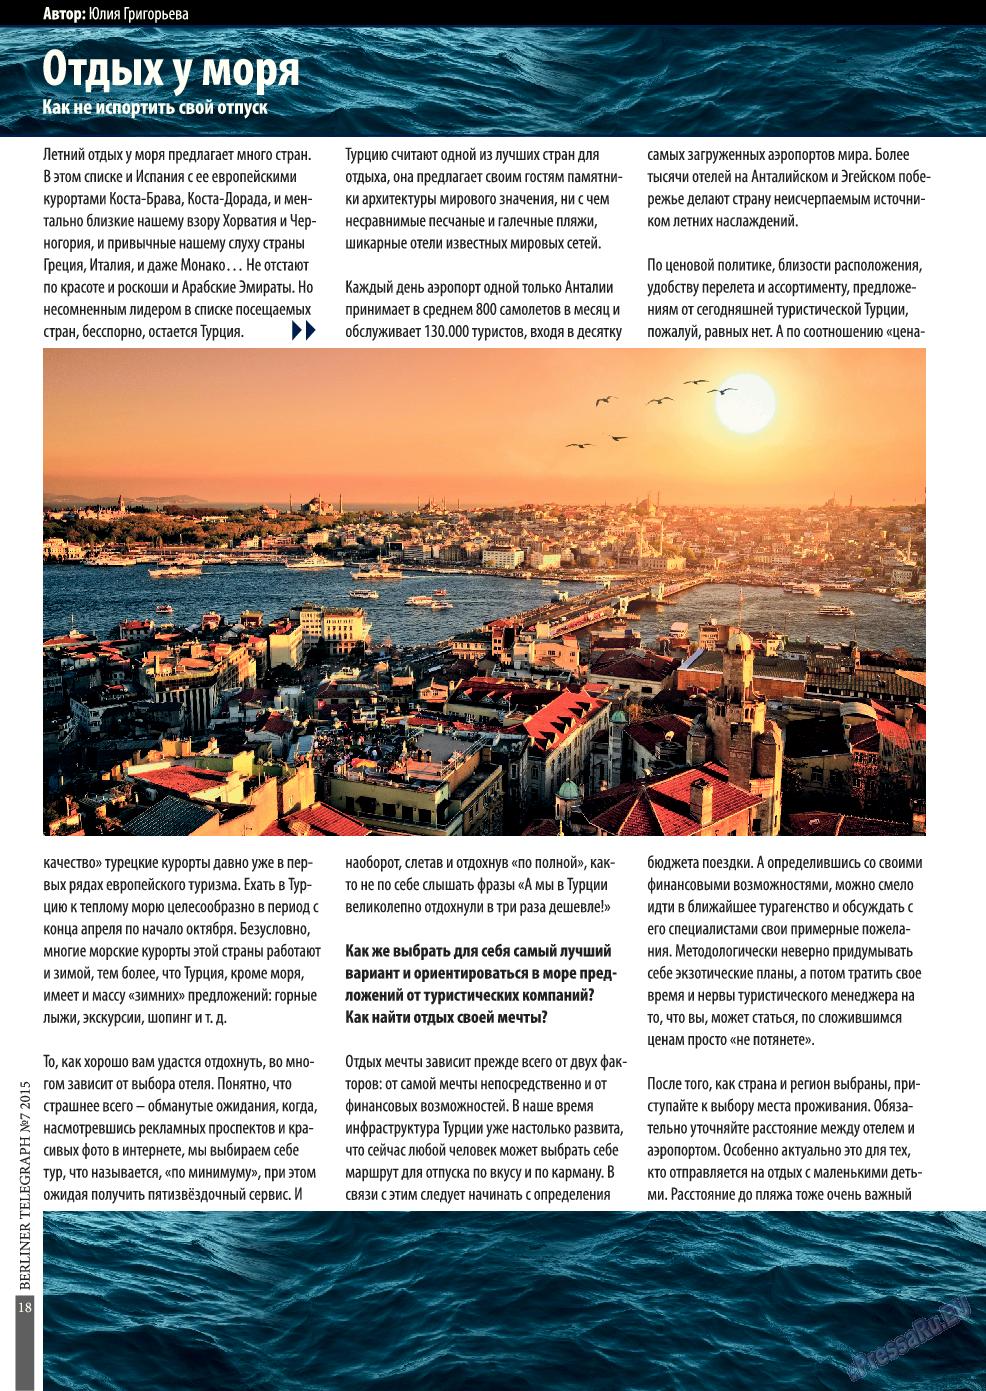 Берлинский телеграф (журнал). 2015 год, номер 8, стр. 18